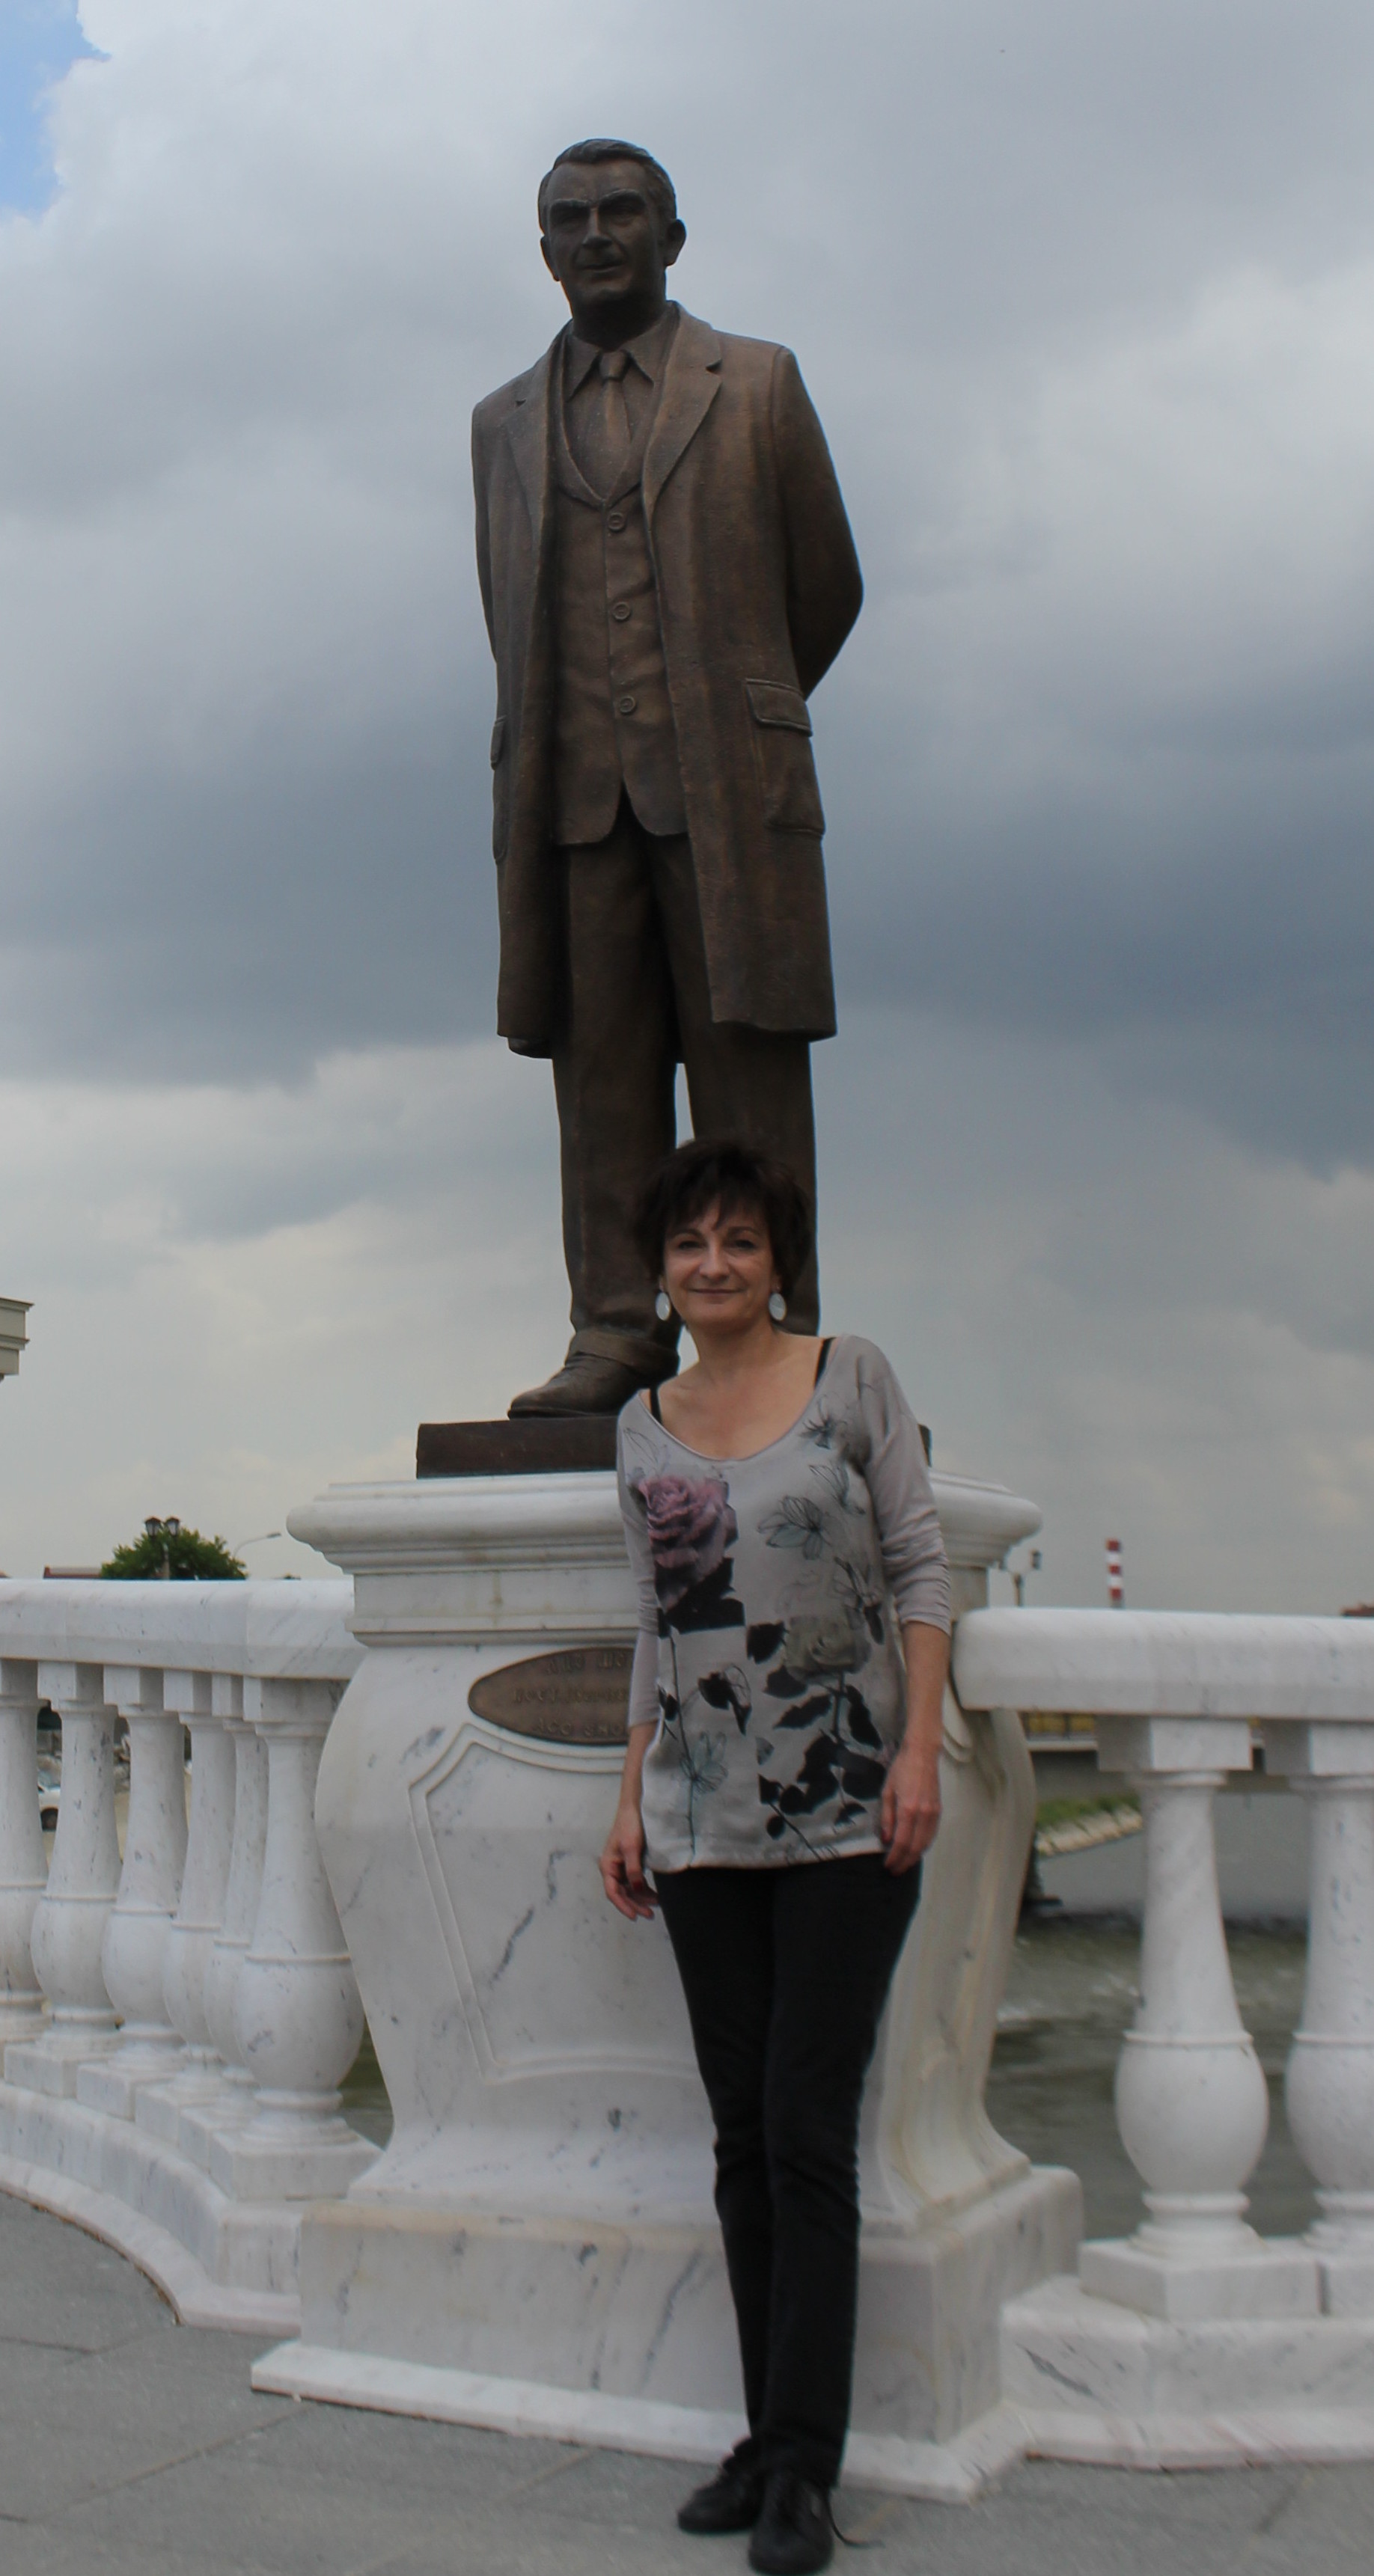 Jasmina Šopova en el Puente de las Artes de Skopje, al pie de la estatua de su padre. Primavera de 2013.